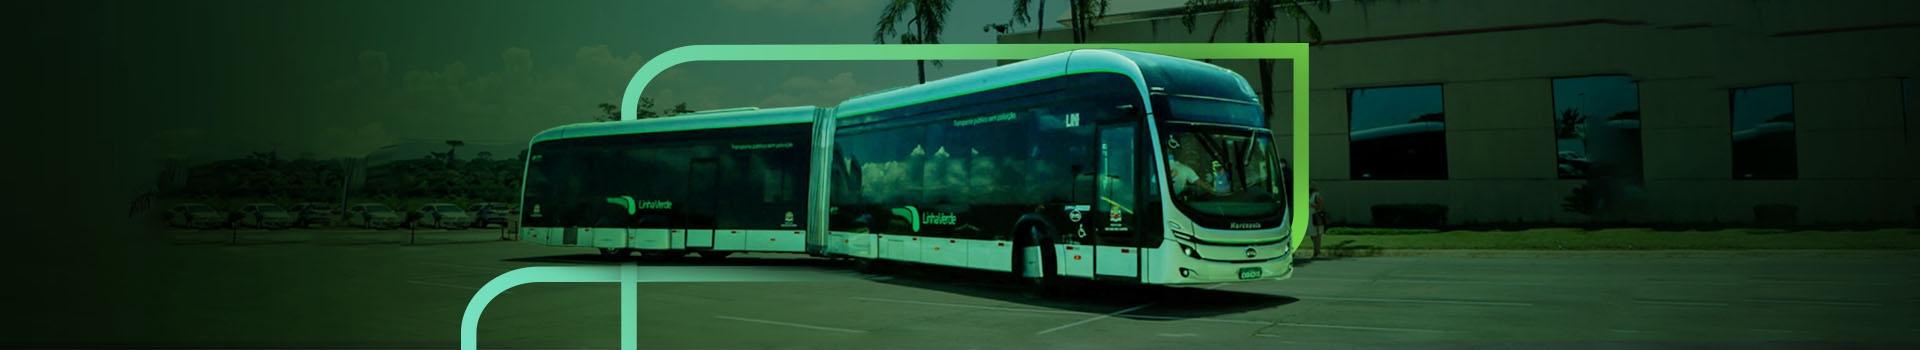 Ônibus articulado elétrico novidade no Brasil